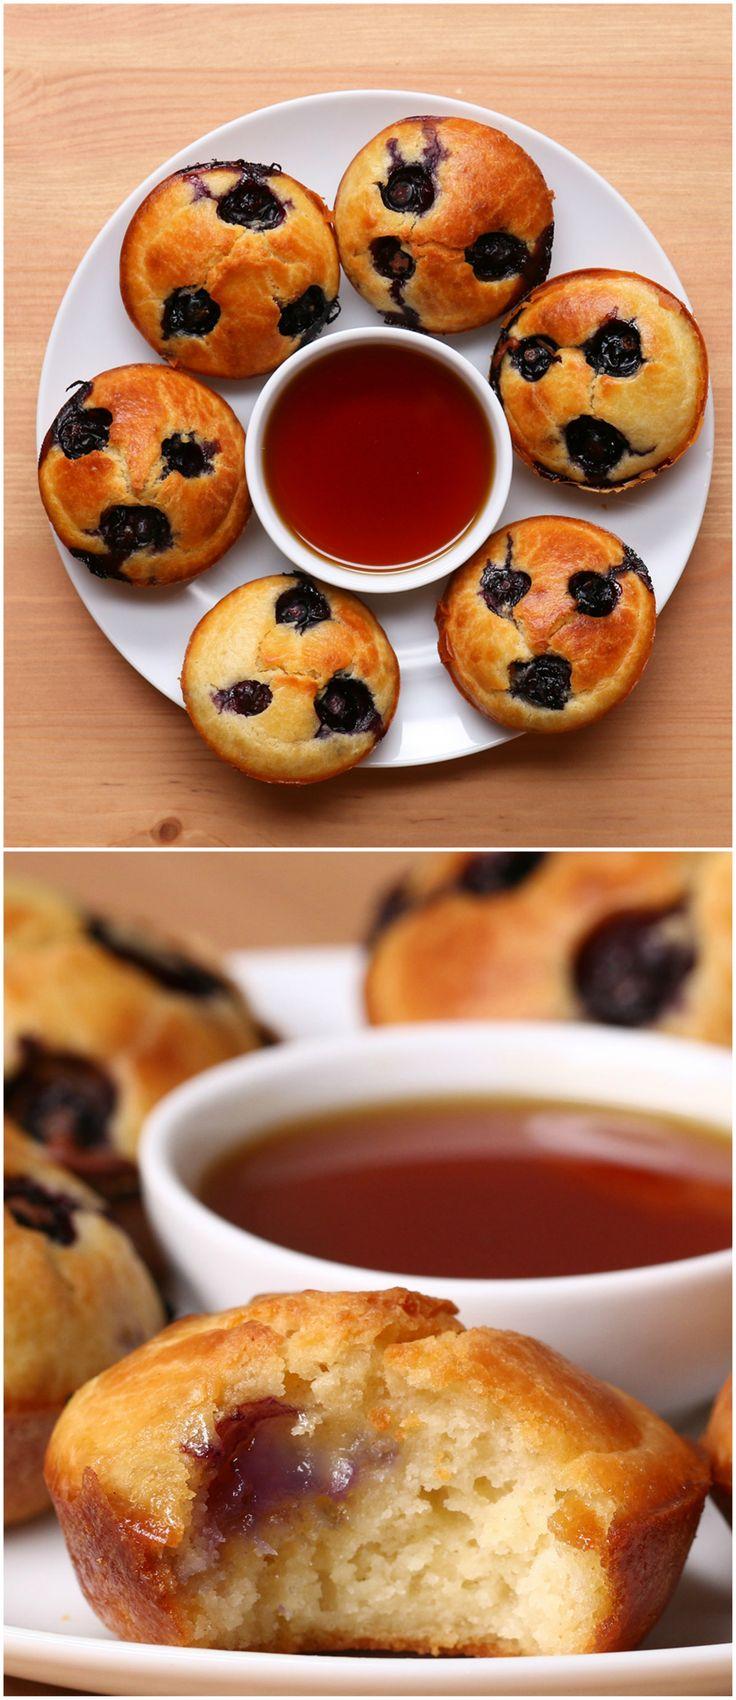 Muffin Tin Pancakes